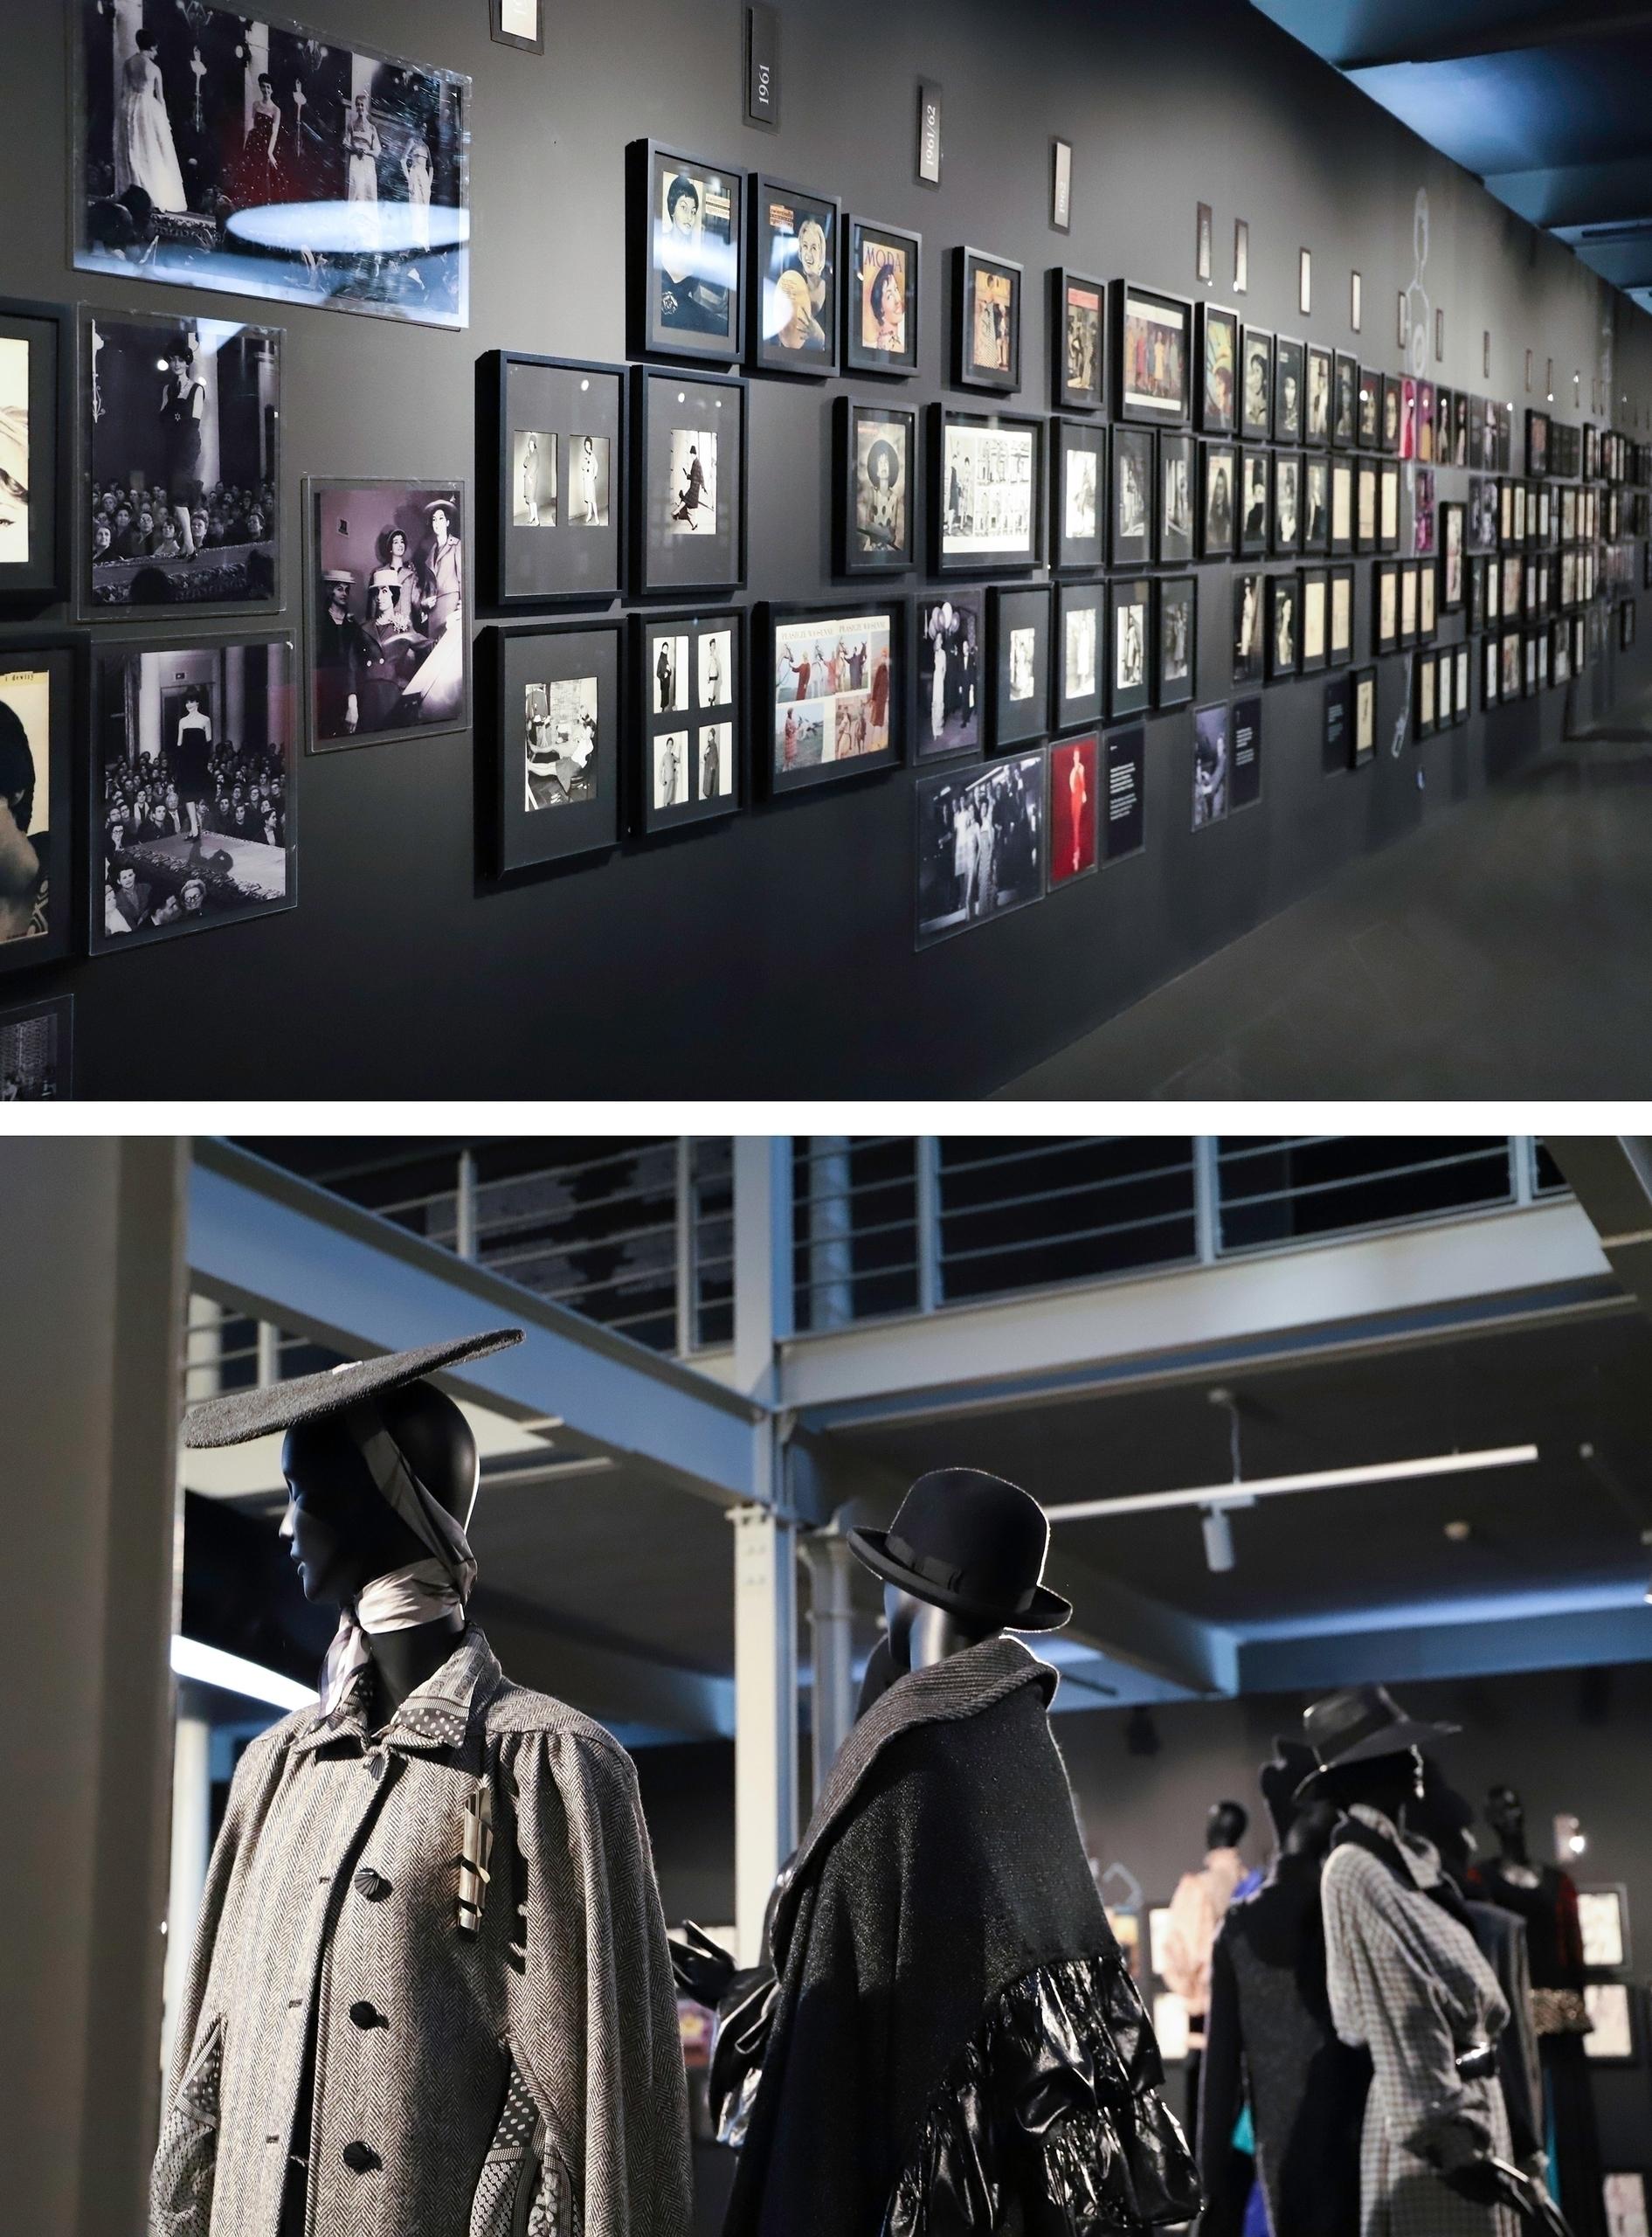 Obraz przedstawia dwa zdjęcia. Na jednym widzimy ciemne pomieszczenie z wiszącymi ramkami na ścianach, na drugim czarne manekiny ubrane w szare materiały.